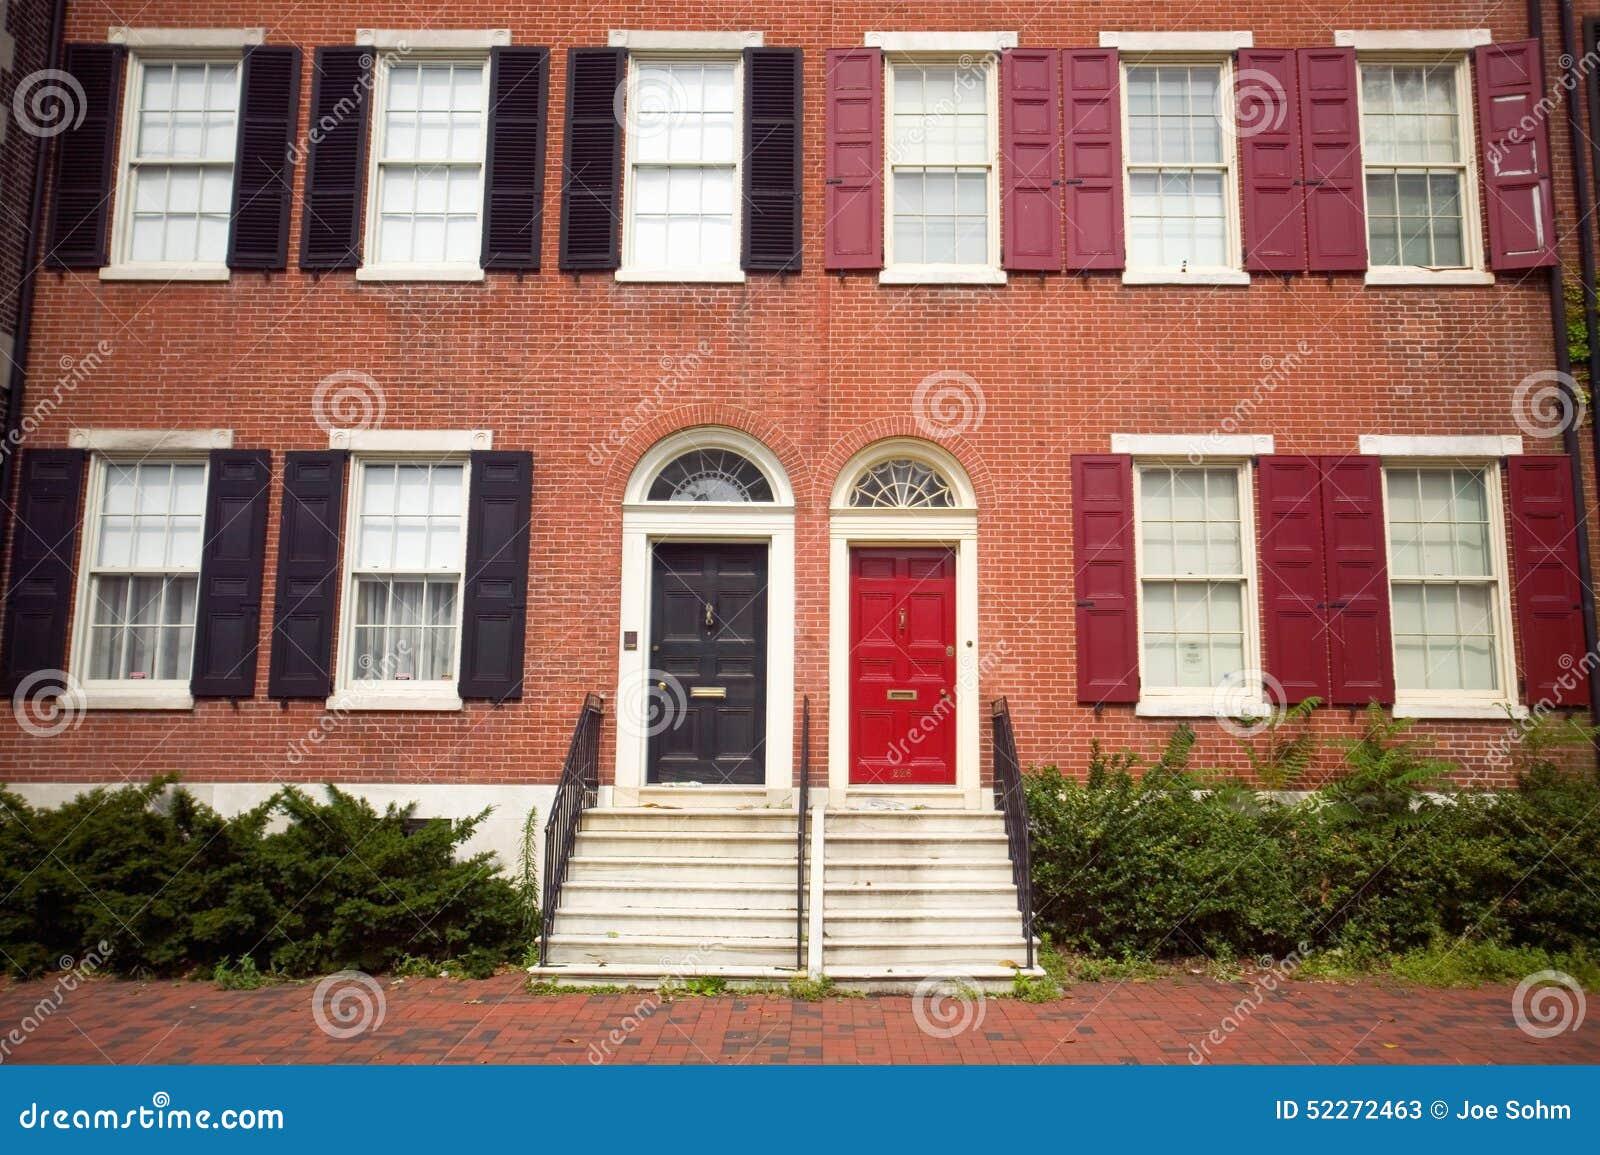 house exterior in philadelphia historic district stock